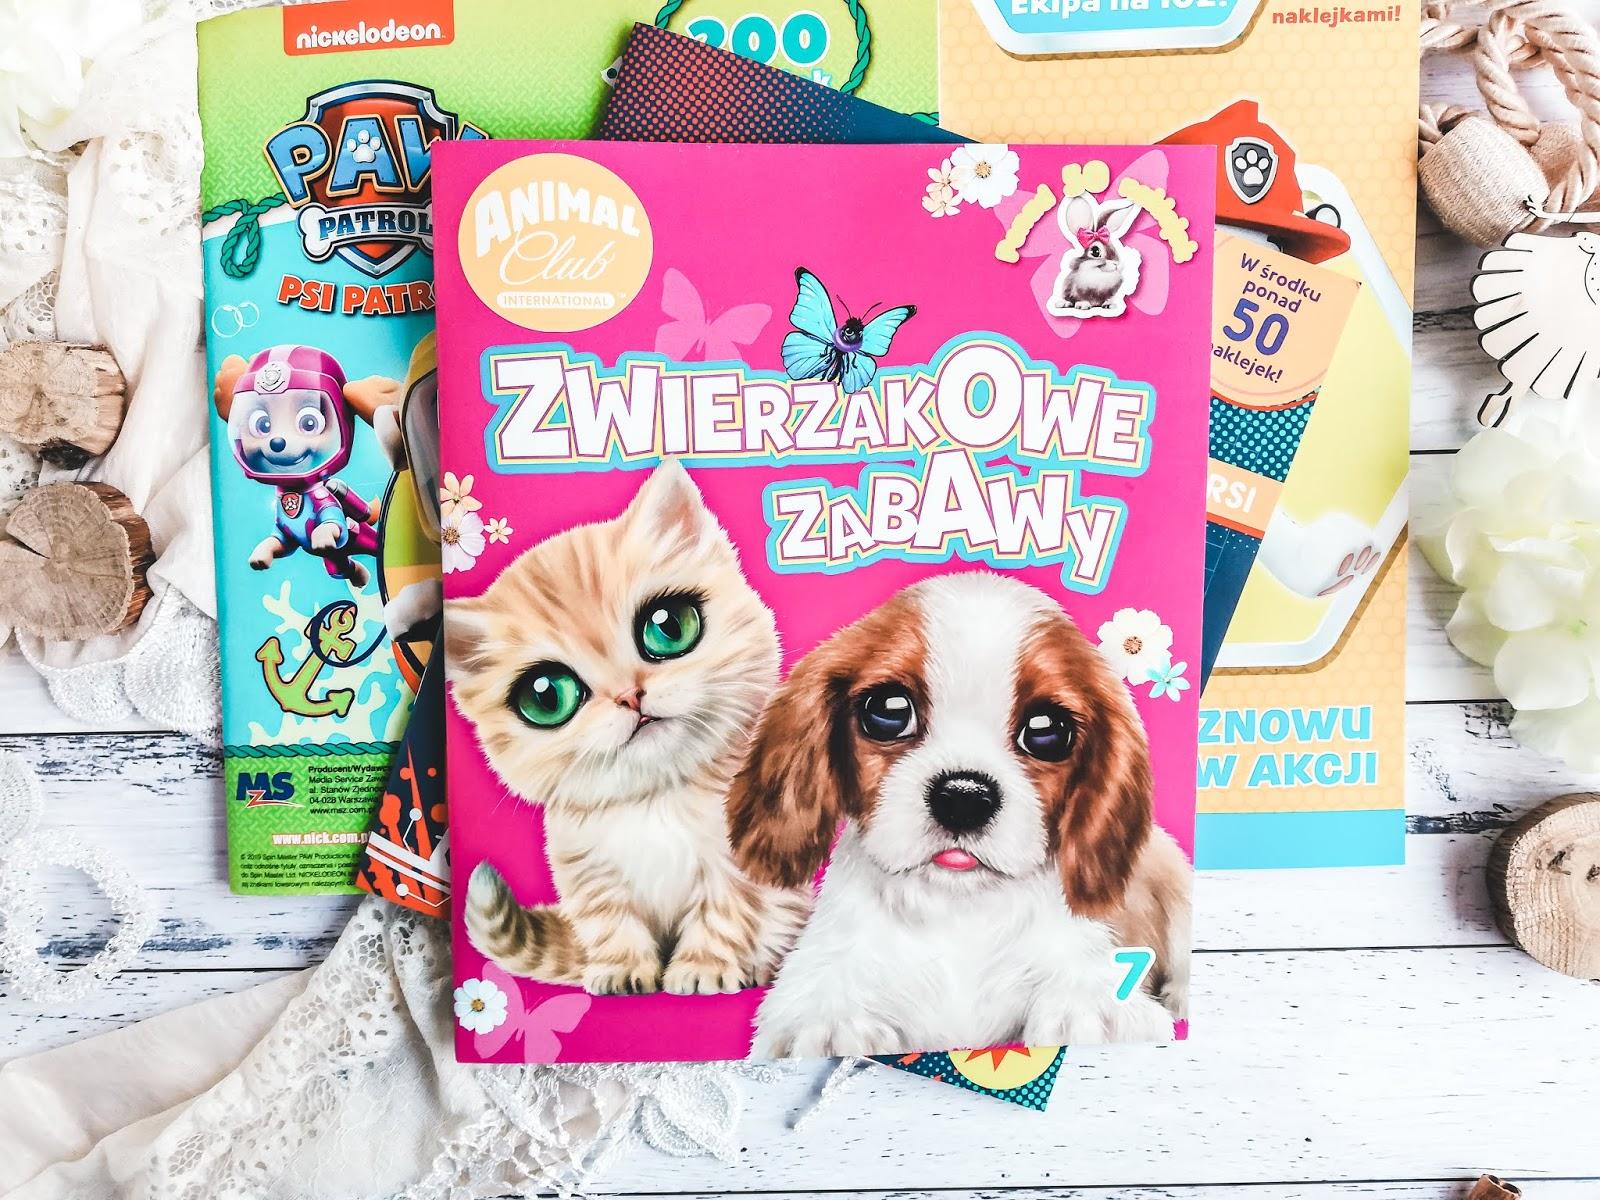 Książeczki dla dzieci z zadaniami